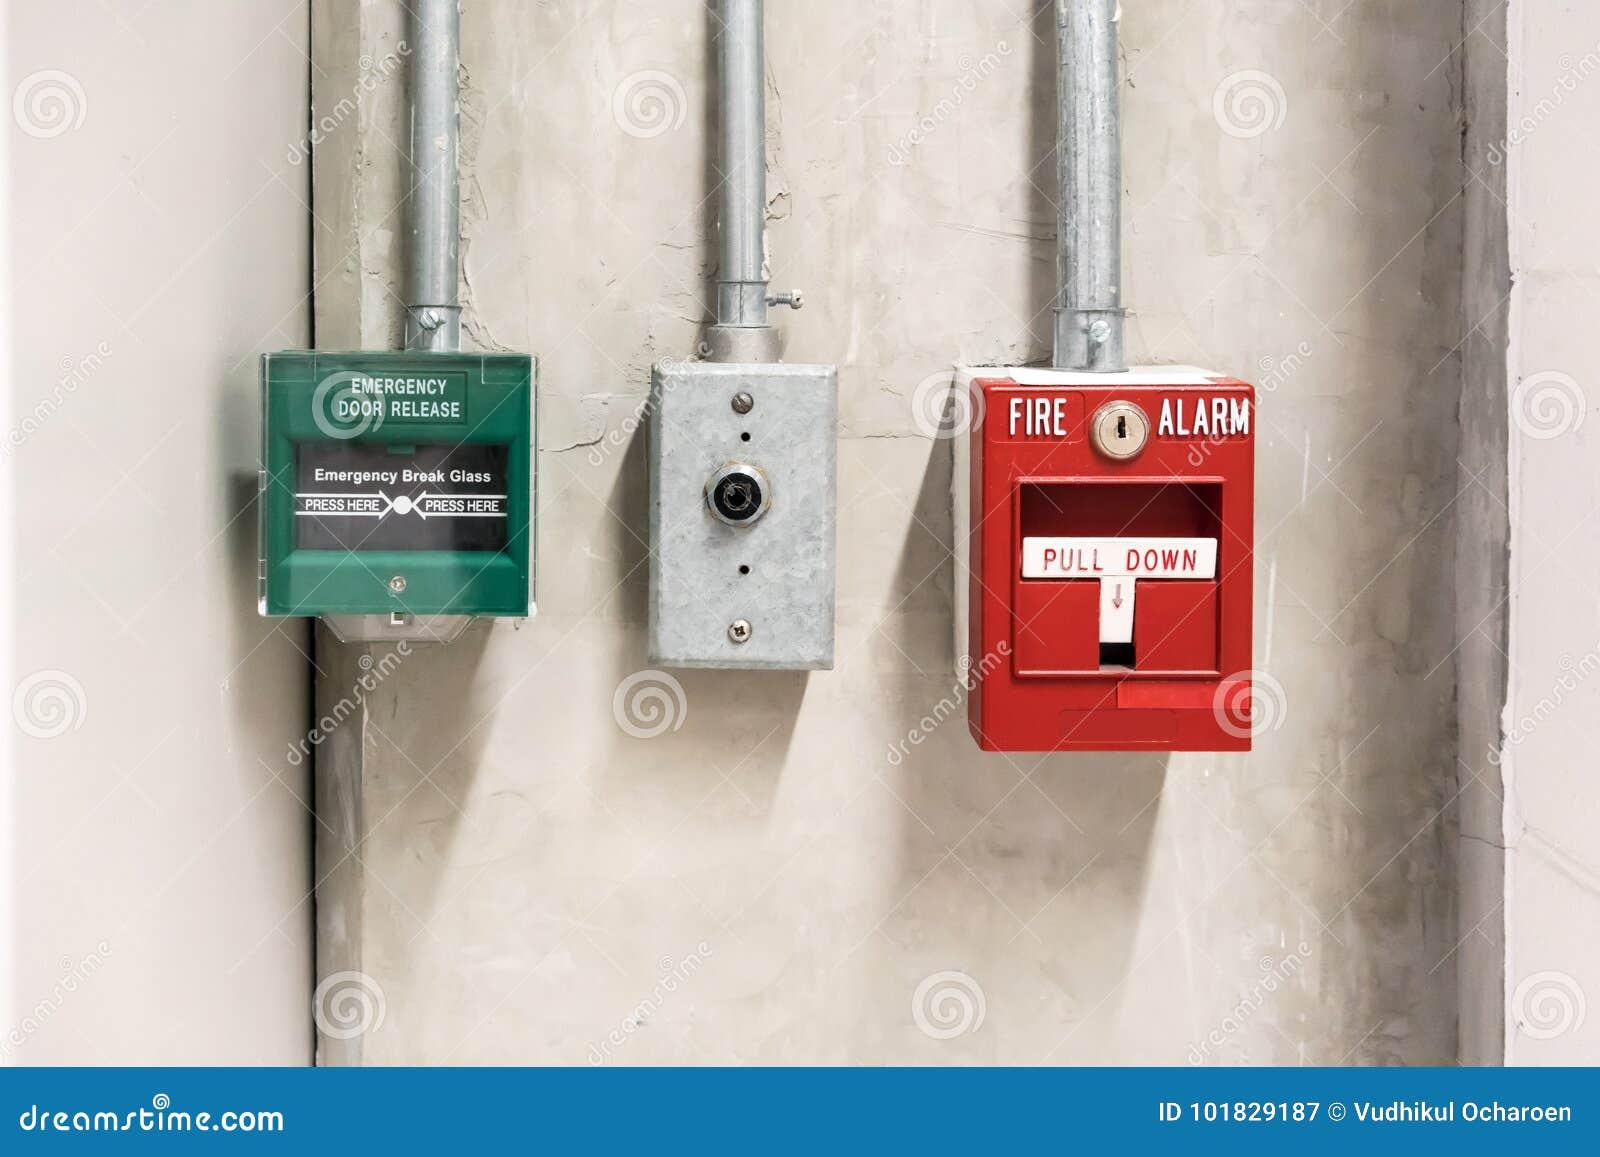 Enfoncez abaissent le commutateur en cas de feu et de commutateur de libération de porte de secours